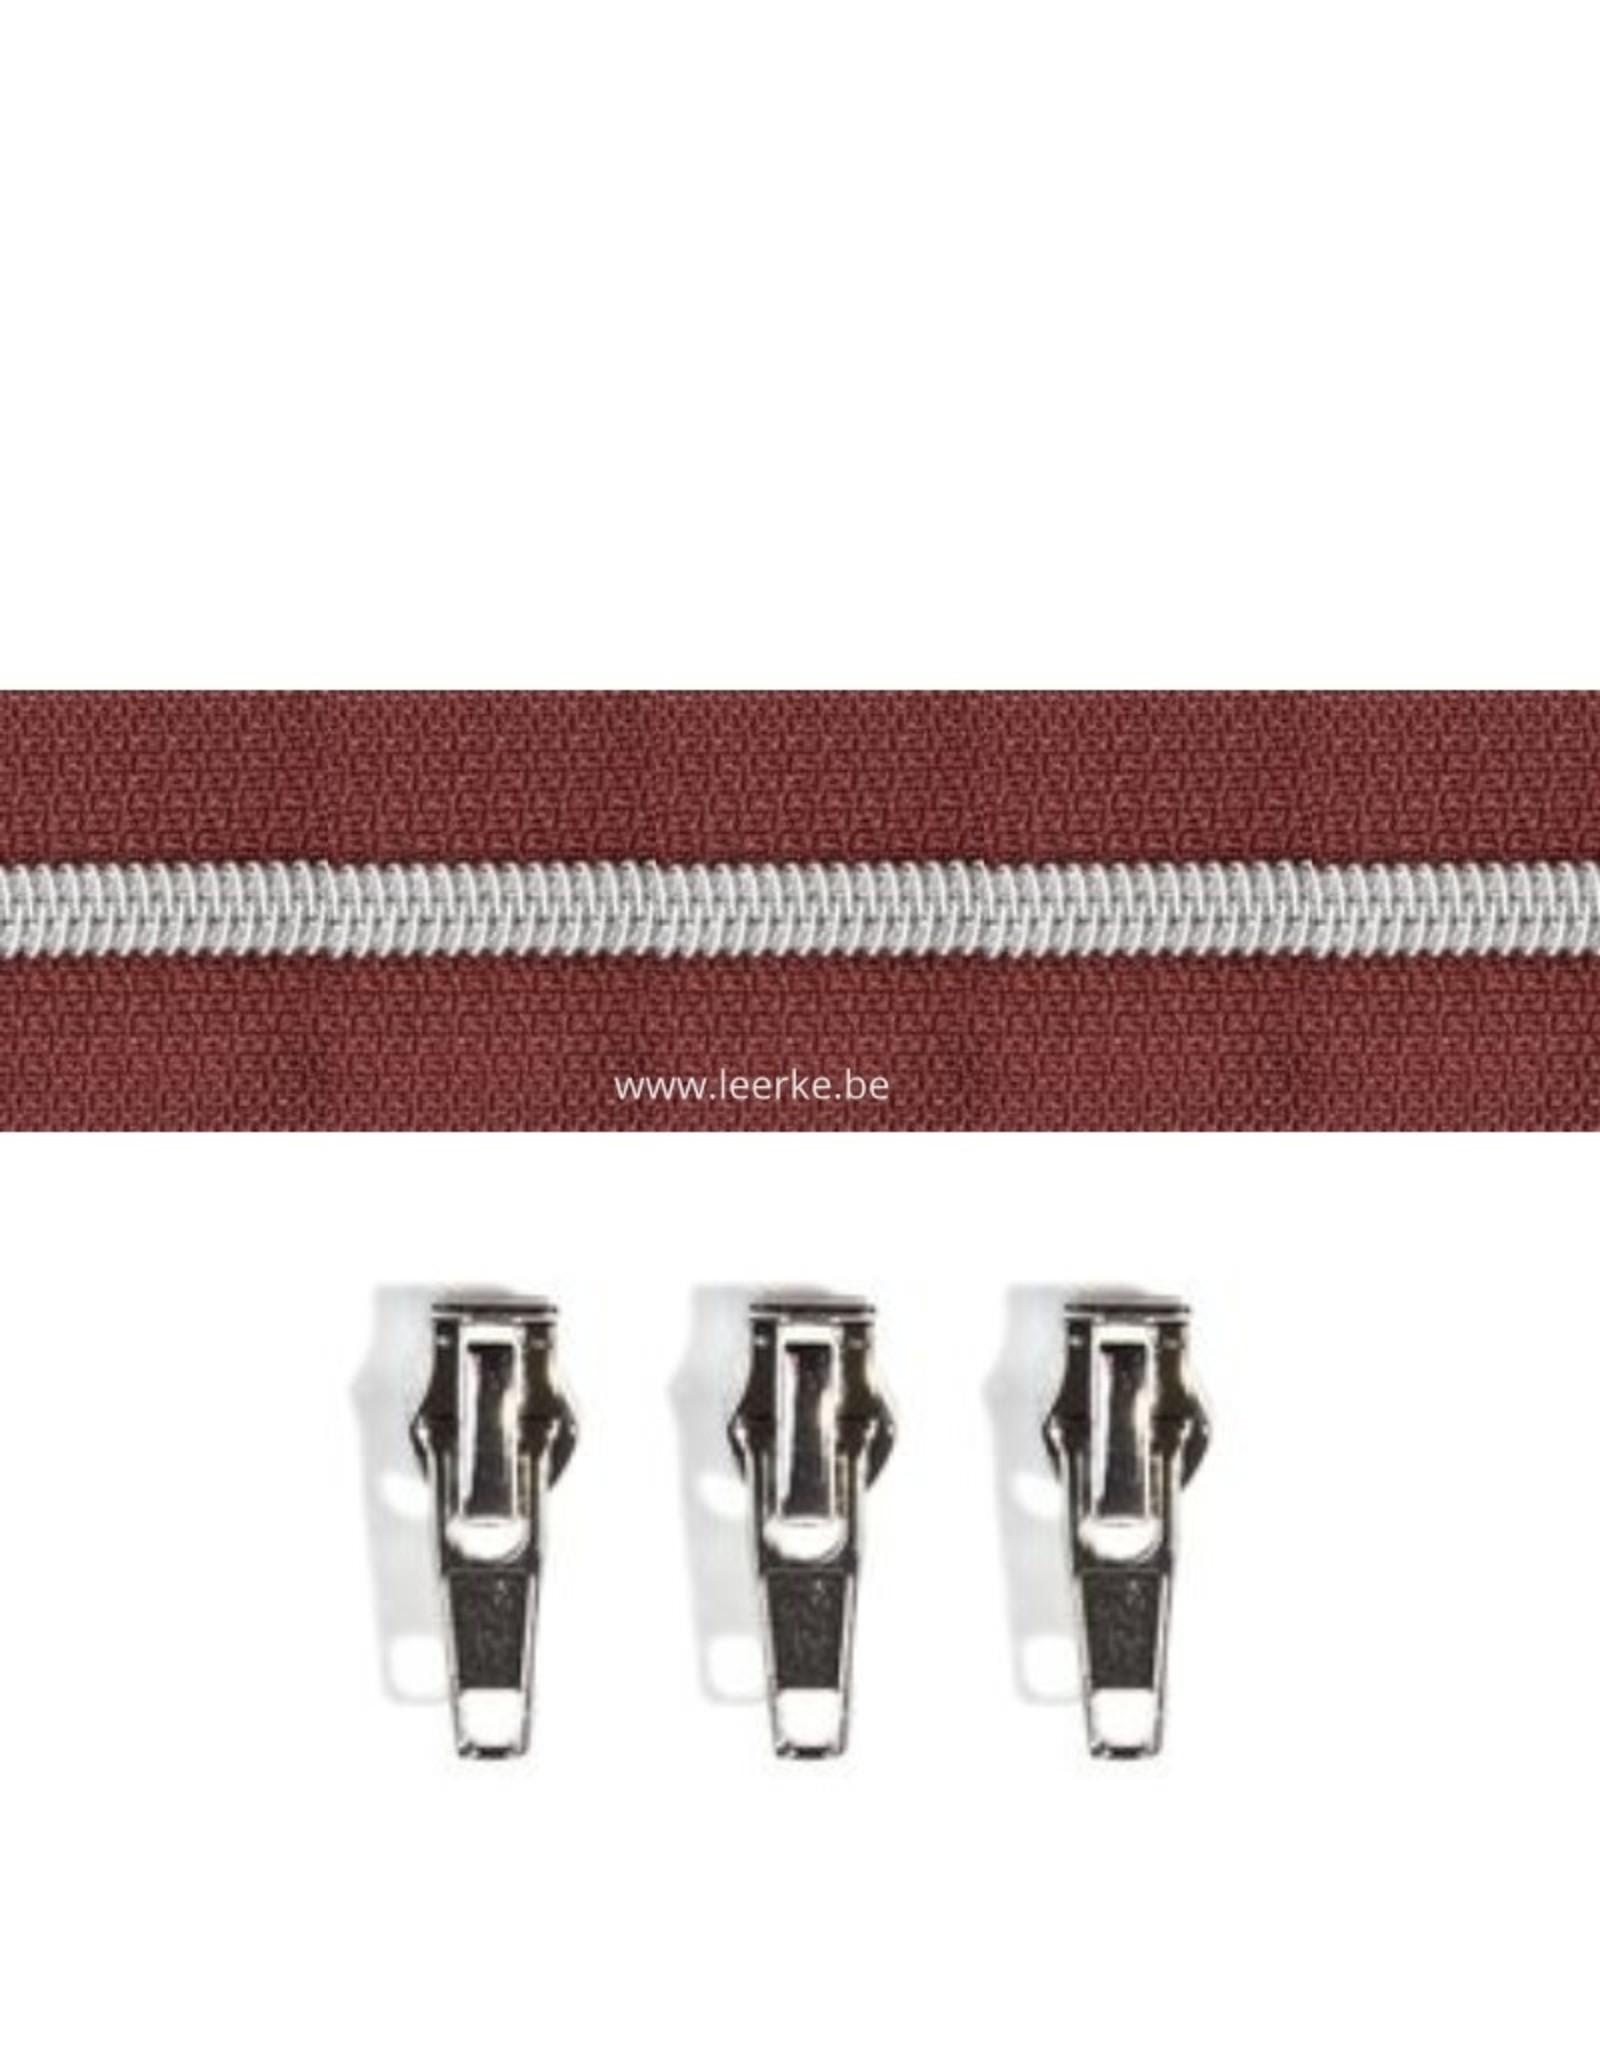 Rits per meter (incl. 3 trekkers) - Zilver- Chocoladebruin- Size 6,5